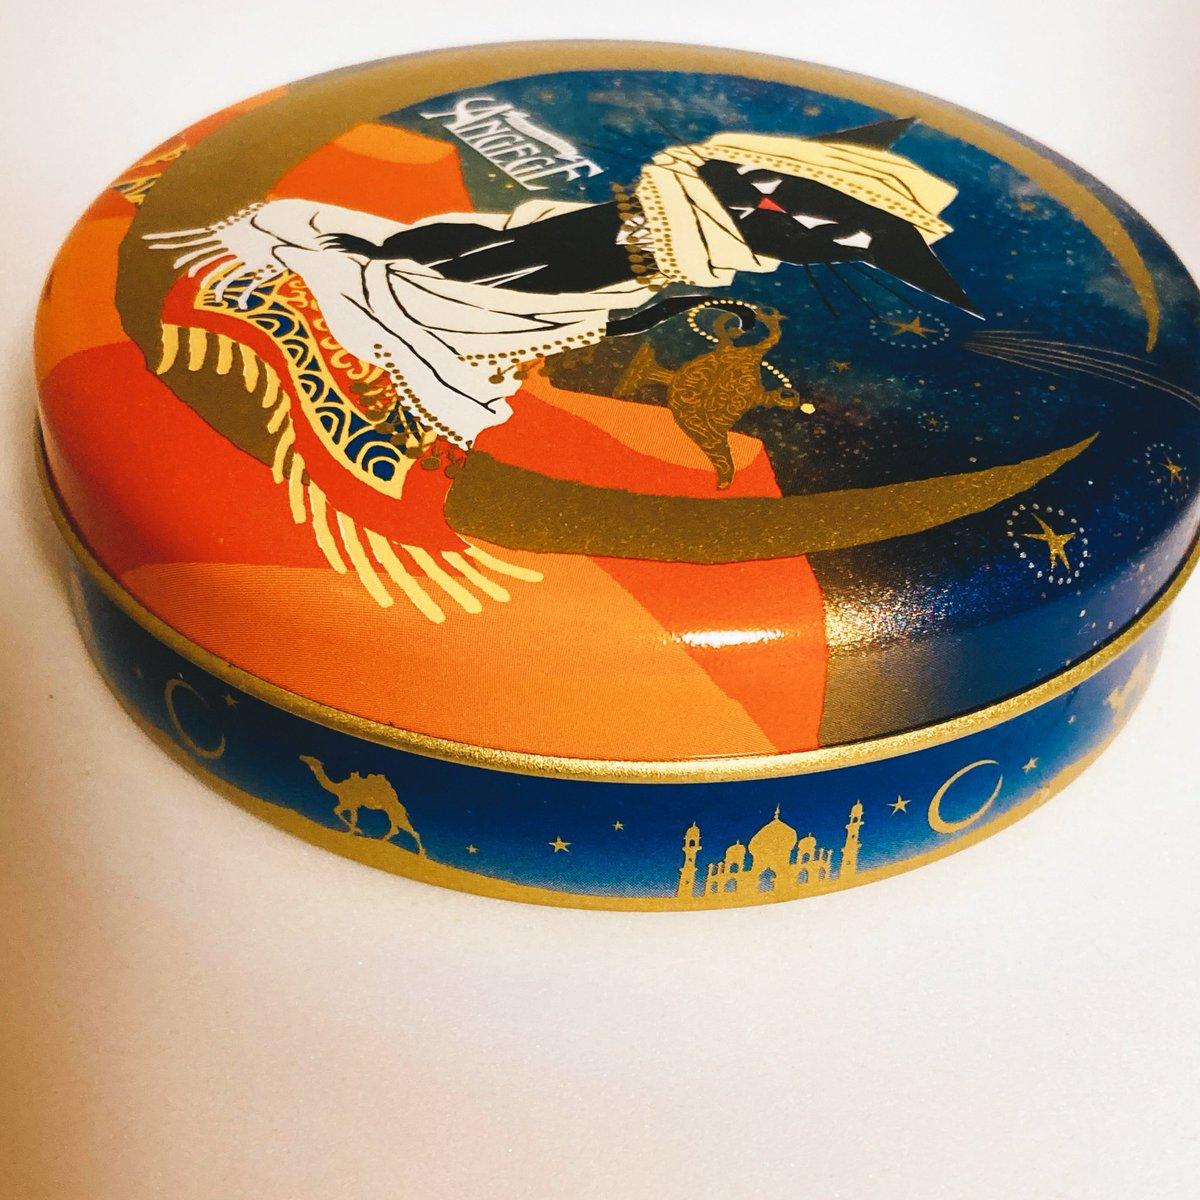 test ツイッターメディア - 今年のバレンタインのゴンチャロフの缶がカリムきゅんっぽくてきゃわわ https://t.co/wXOfdDGtYS